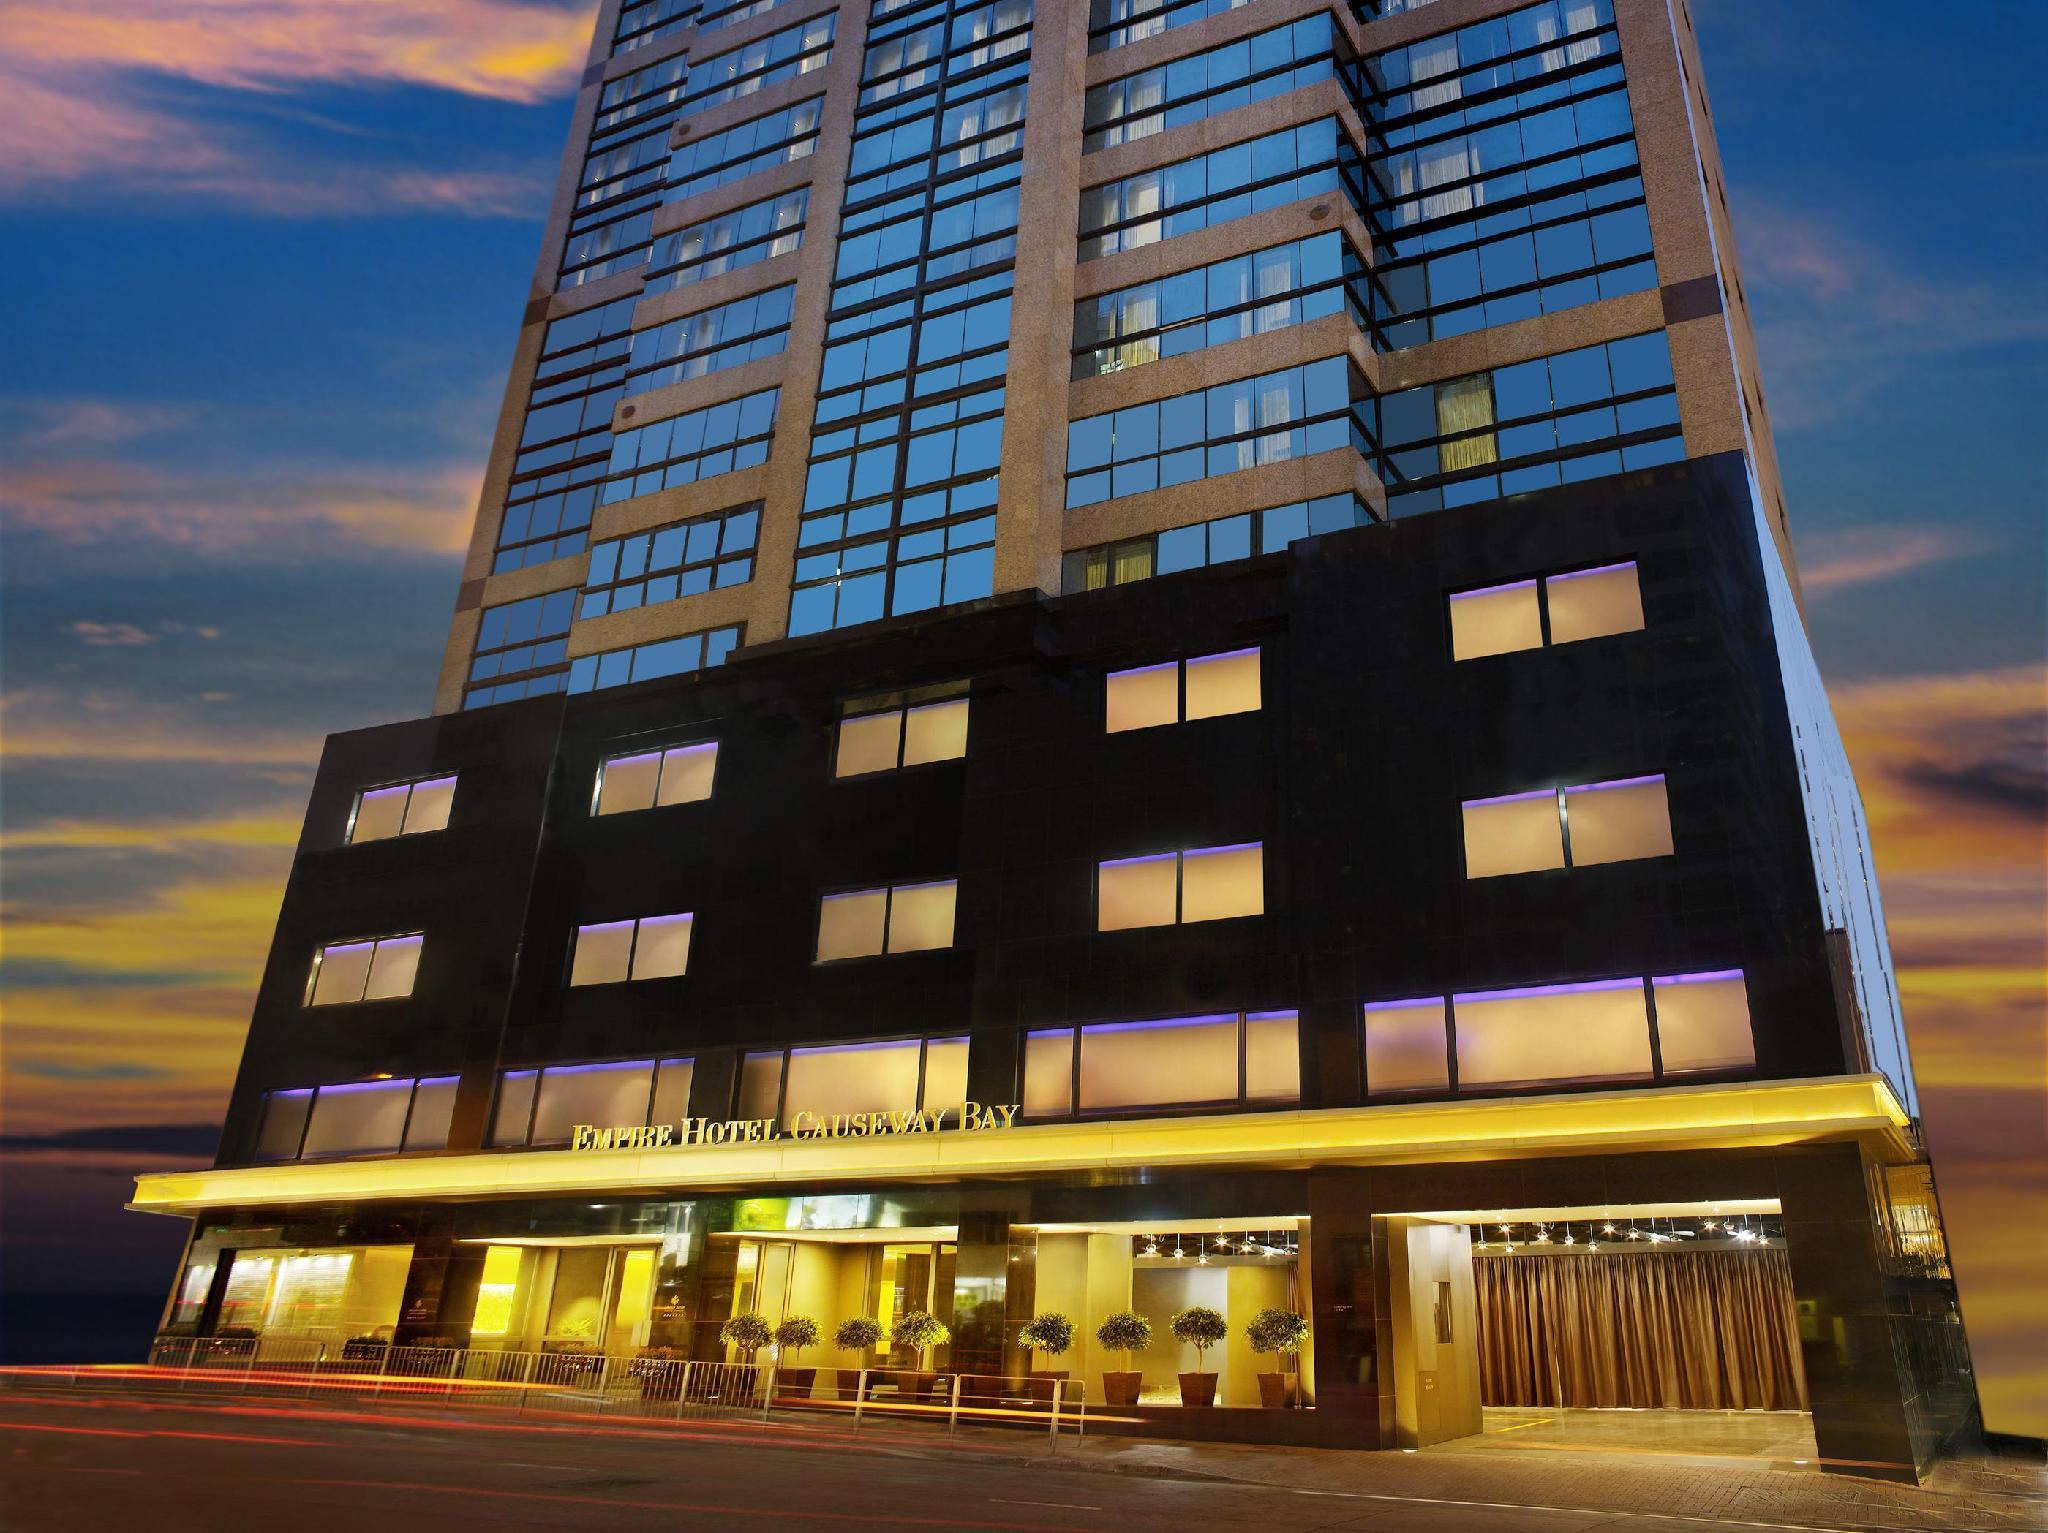 เอ็มไพร์โฮเต็ลคอสเวย์เบย์ Empire Hotel Causeway Bay